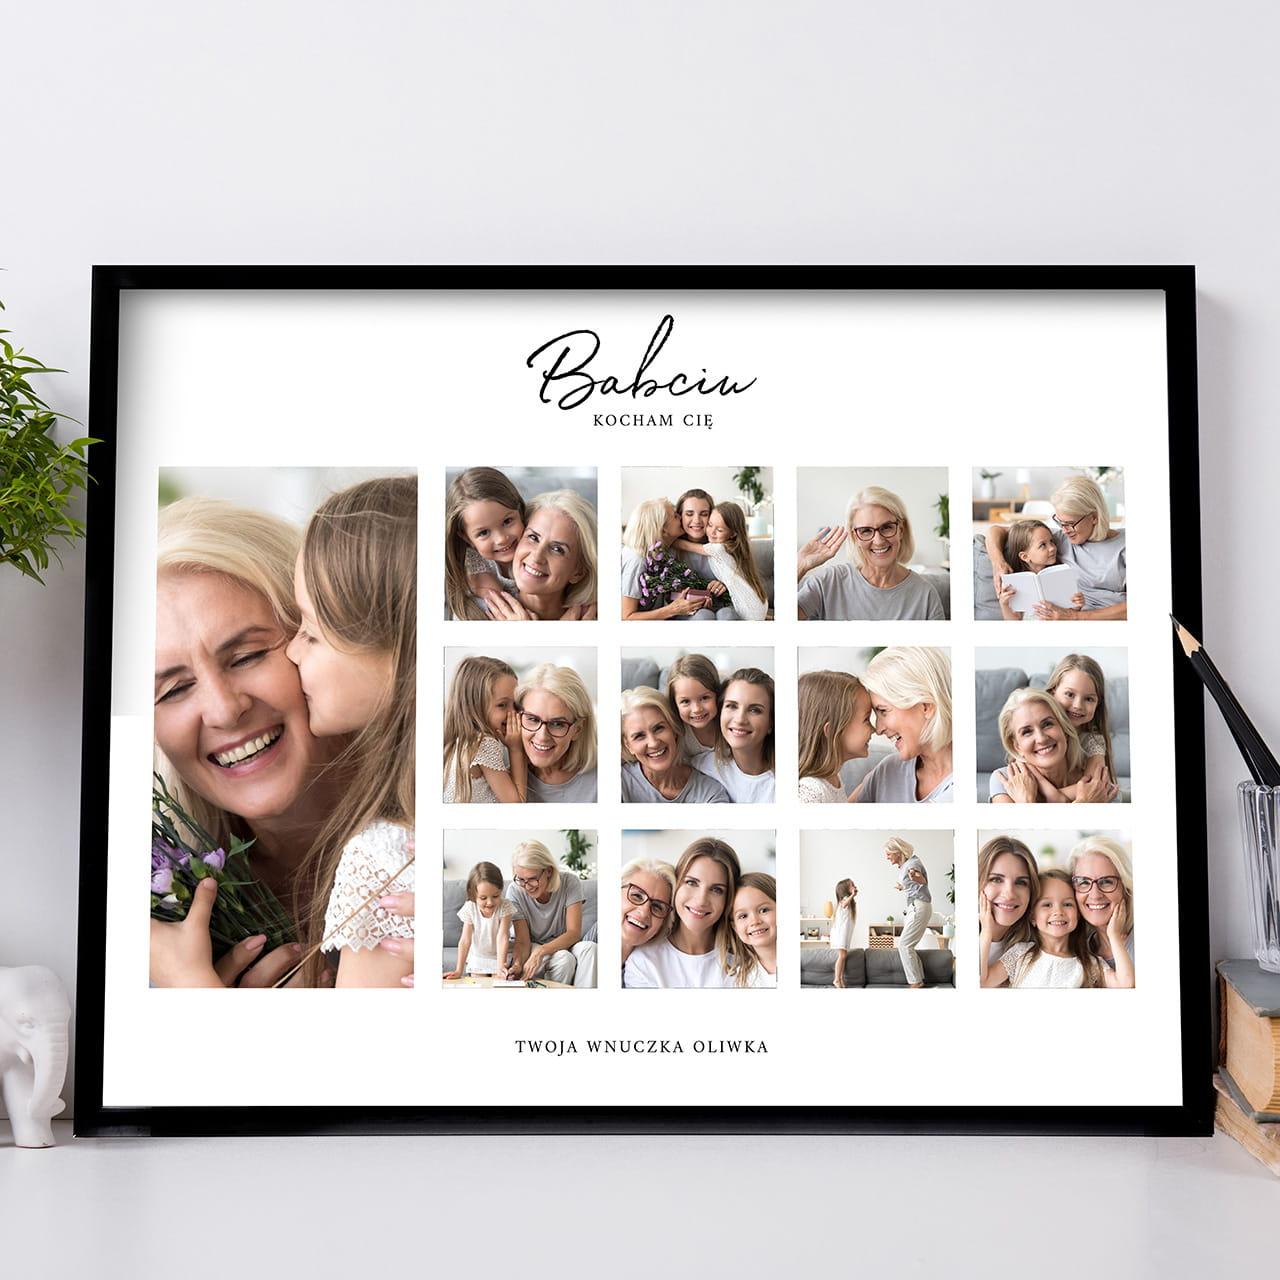 Plakat ze zdjęciami to wspólny prezent dla dziadków